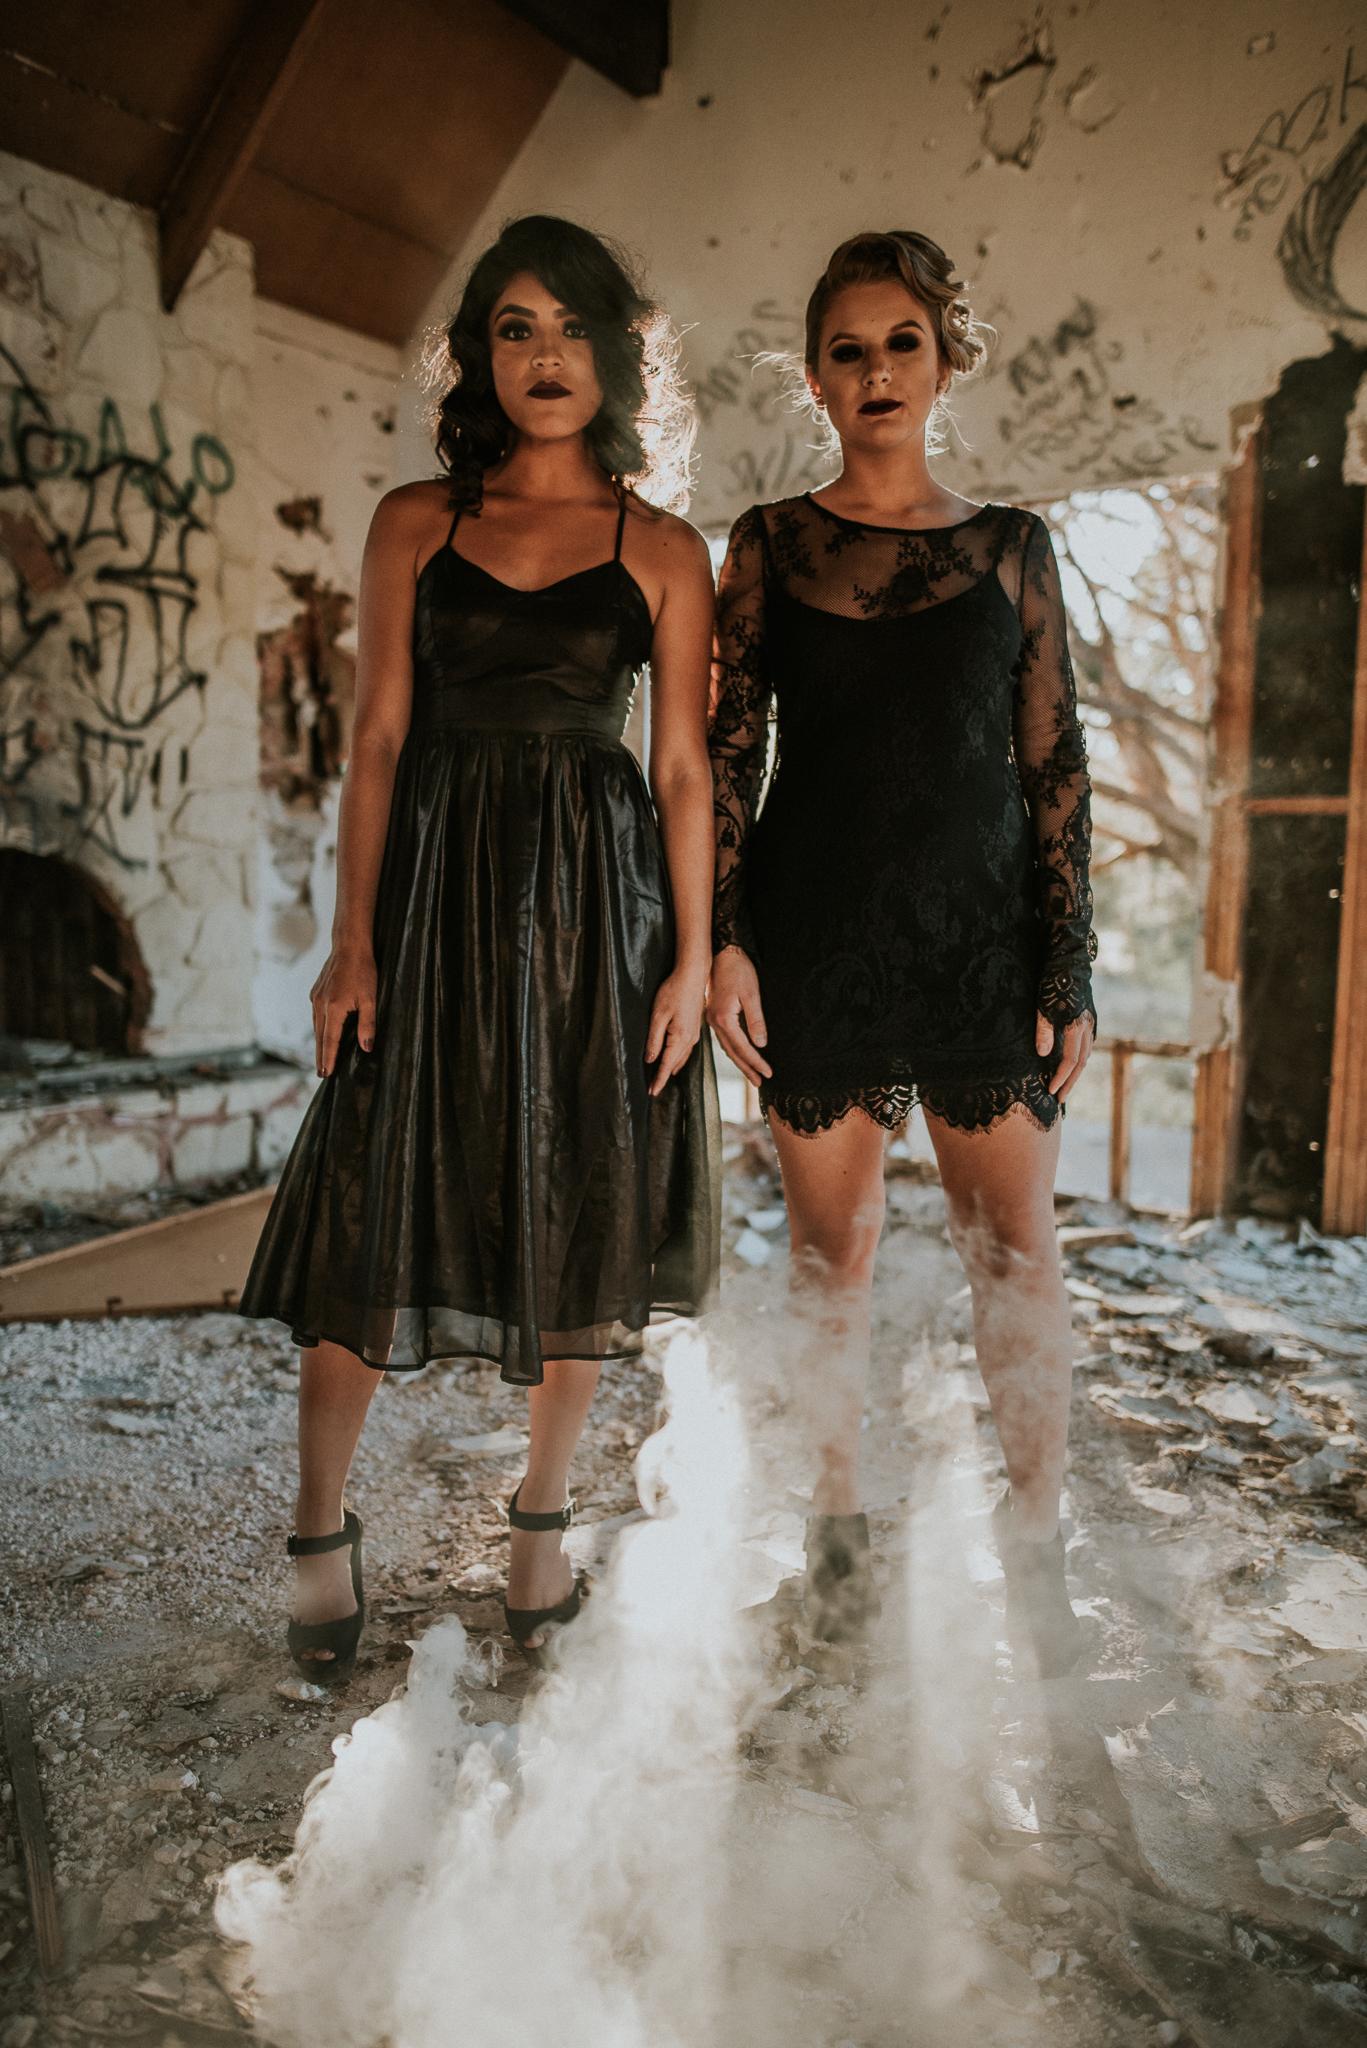 American Horror Story Styled Shoot in Phoenix AZ